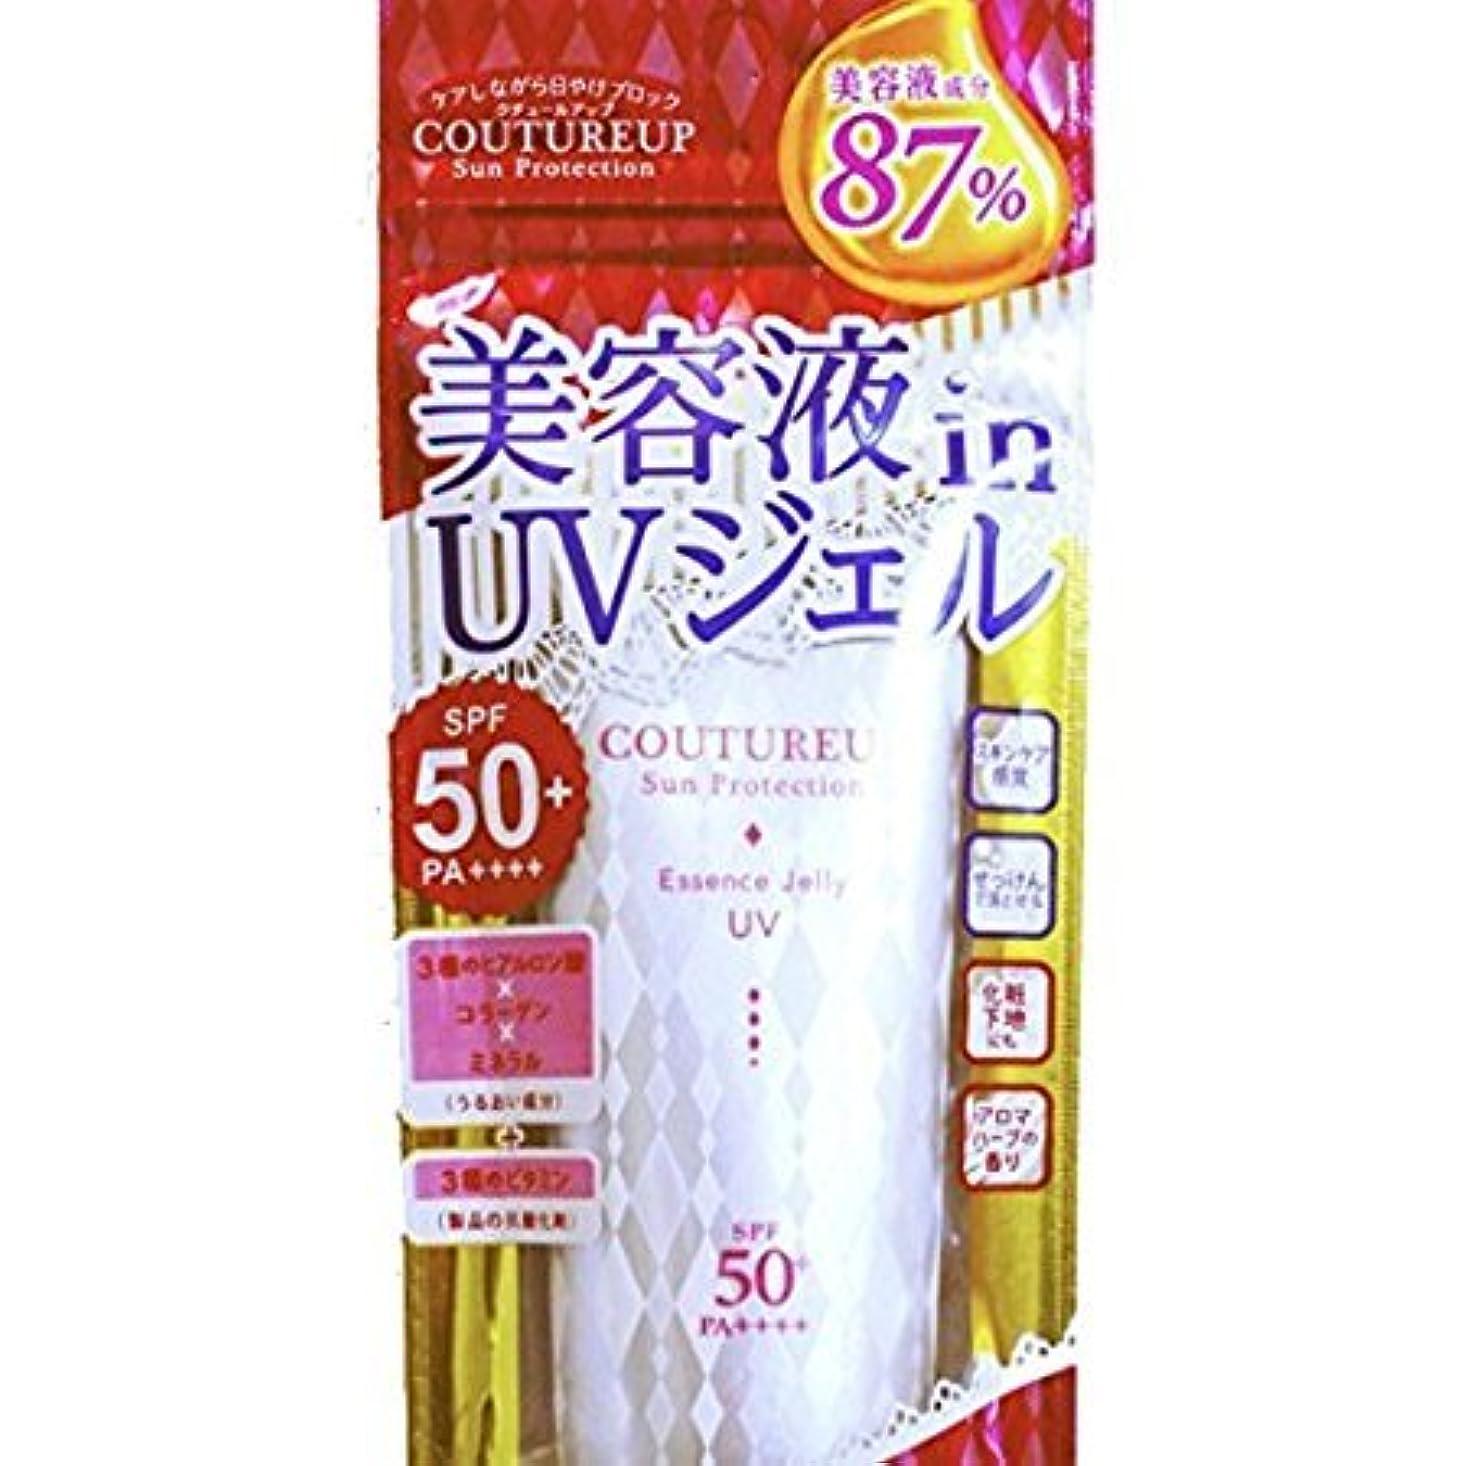 運搬カカドゥ電気の美容液 in UVジェル SPF50+/PA++++ 65g 美容液成分87% 日焼け止め&化粧下地